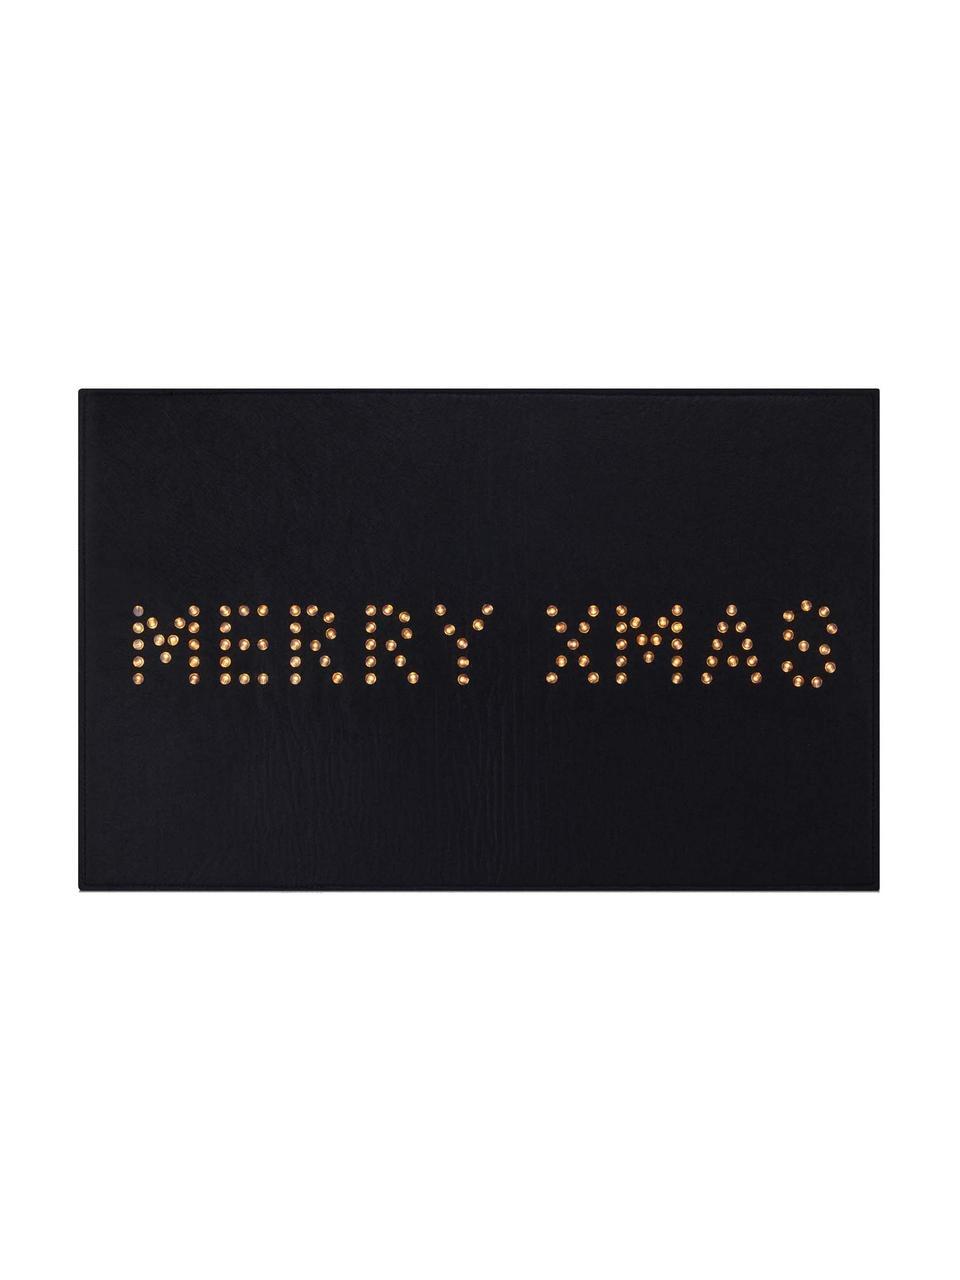 Leuchtende Fußmatte Lysa L 80 cm, mit Stecker, Kunststoff, Schwarz, 80 x 50 cm